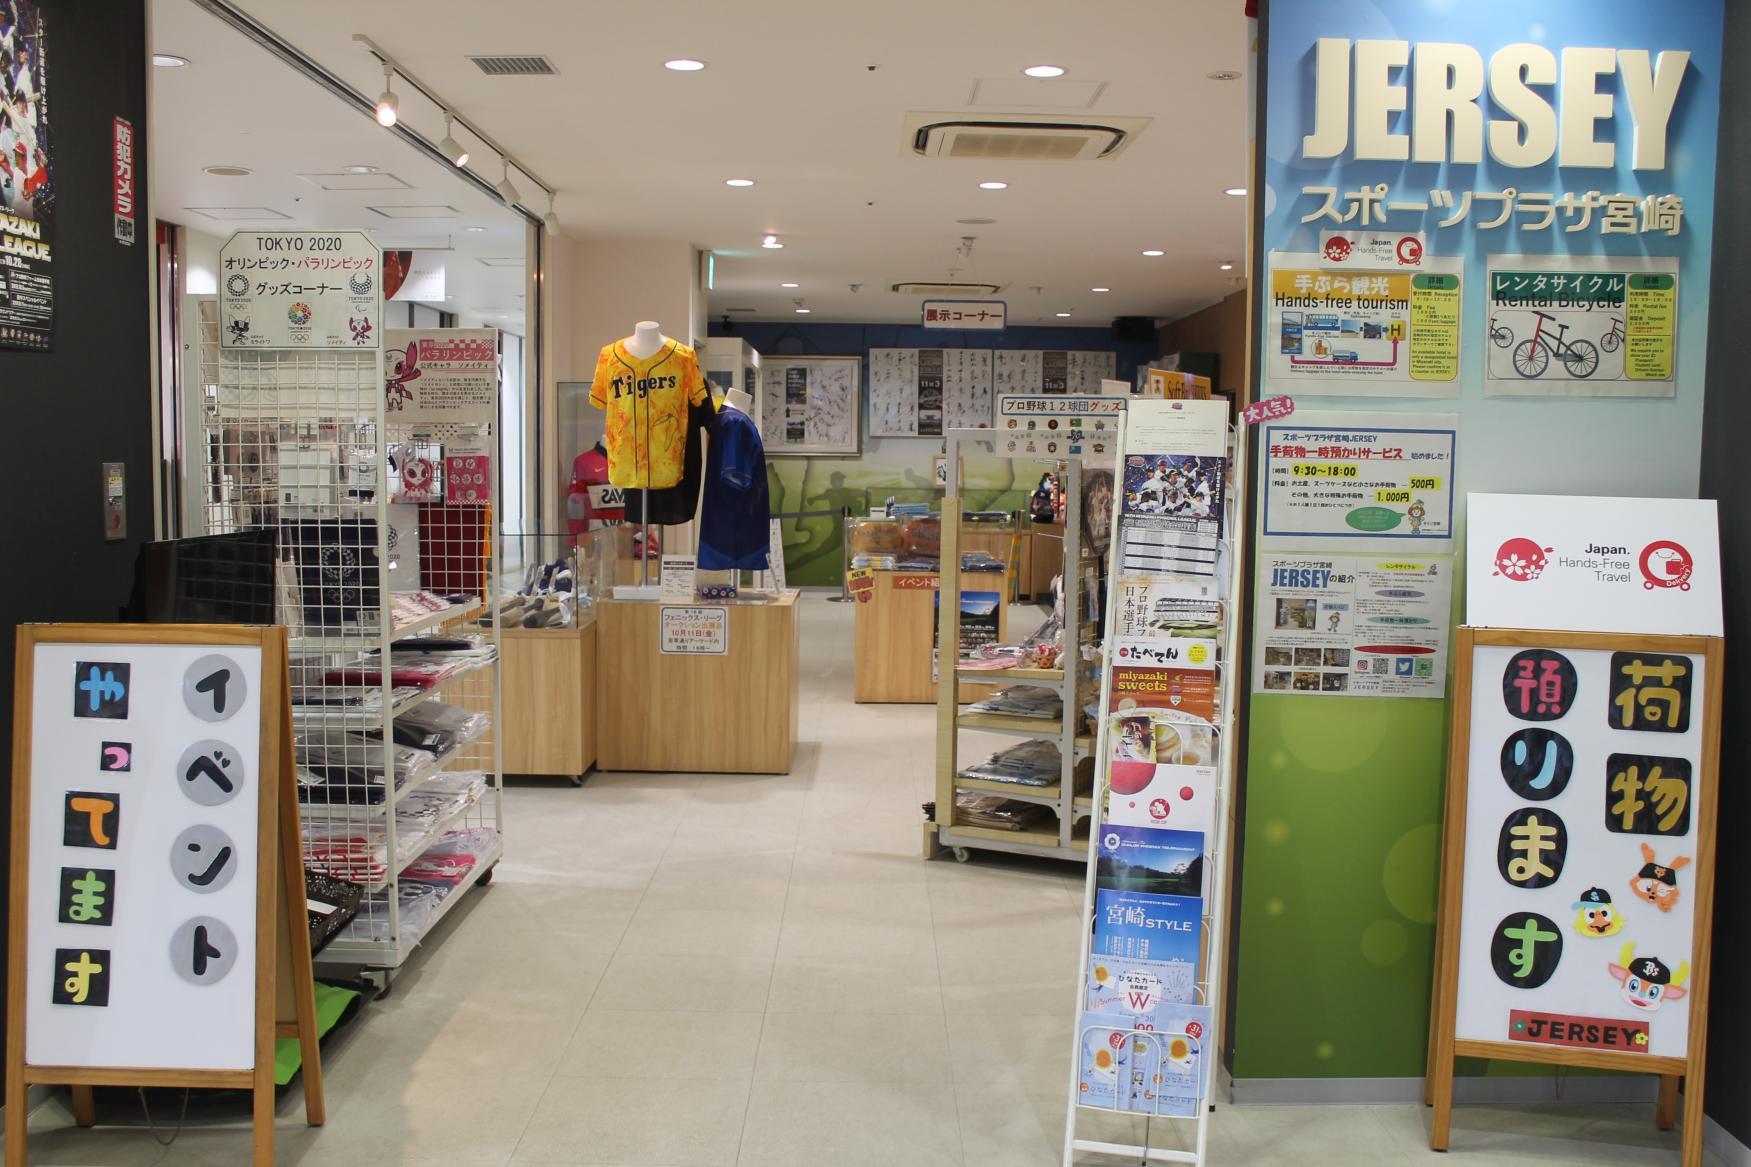 スポーツプラザ宮崎JERSEY-0